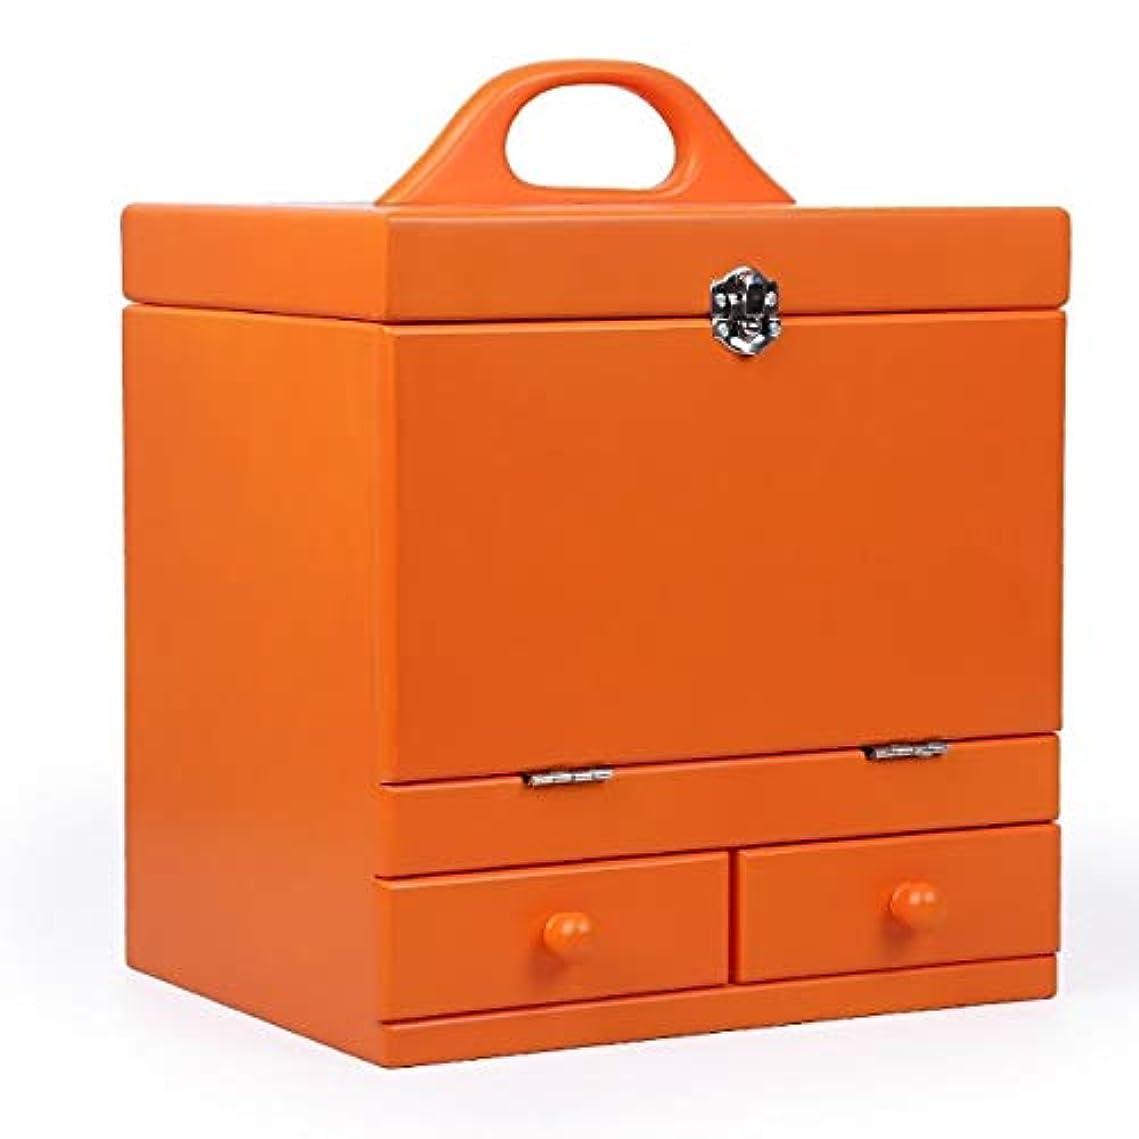 感じる注入する狂った化粧箱、オレンジ二重デッキヴィンテージ木製彫刻化粧品ケース、ミラー、高級ウェディングギフト、新築祝いギフト、美容ネイルジュエリー収納ボックス